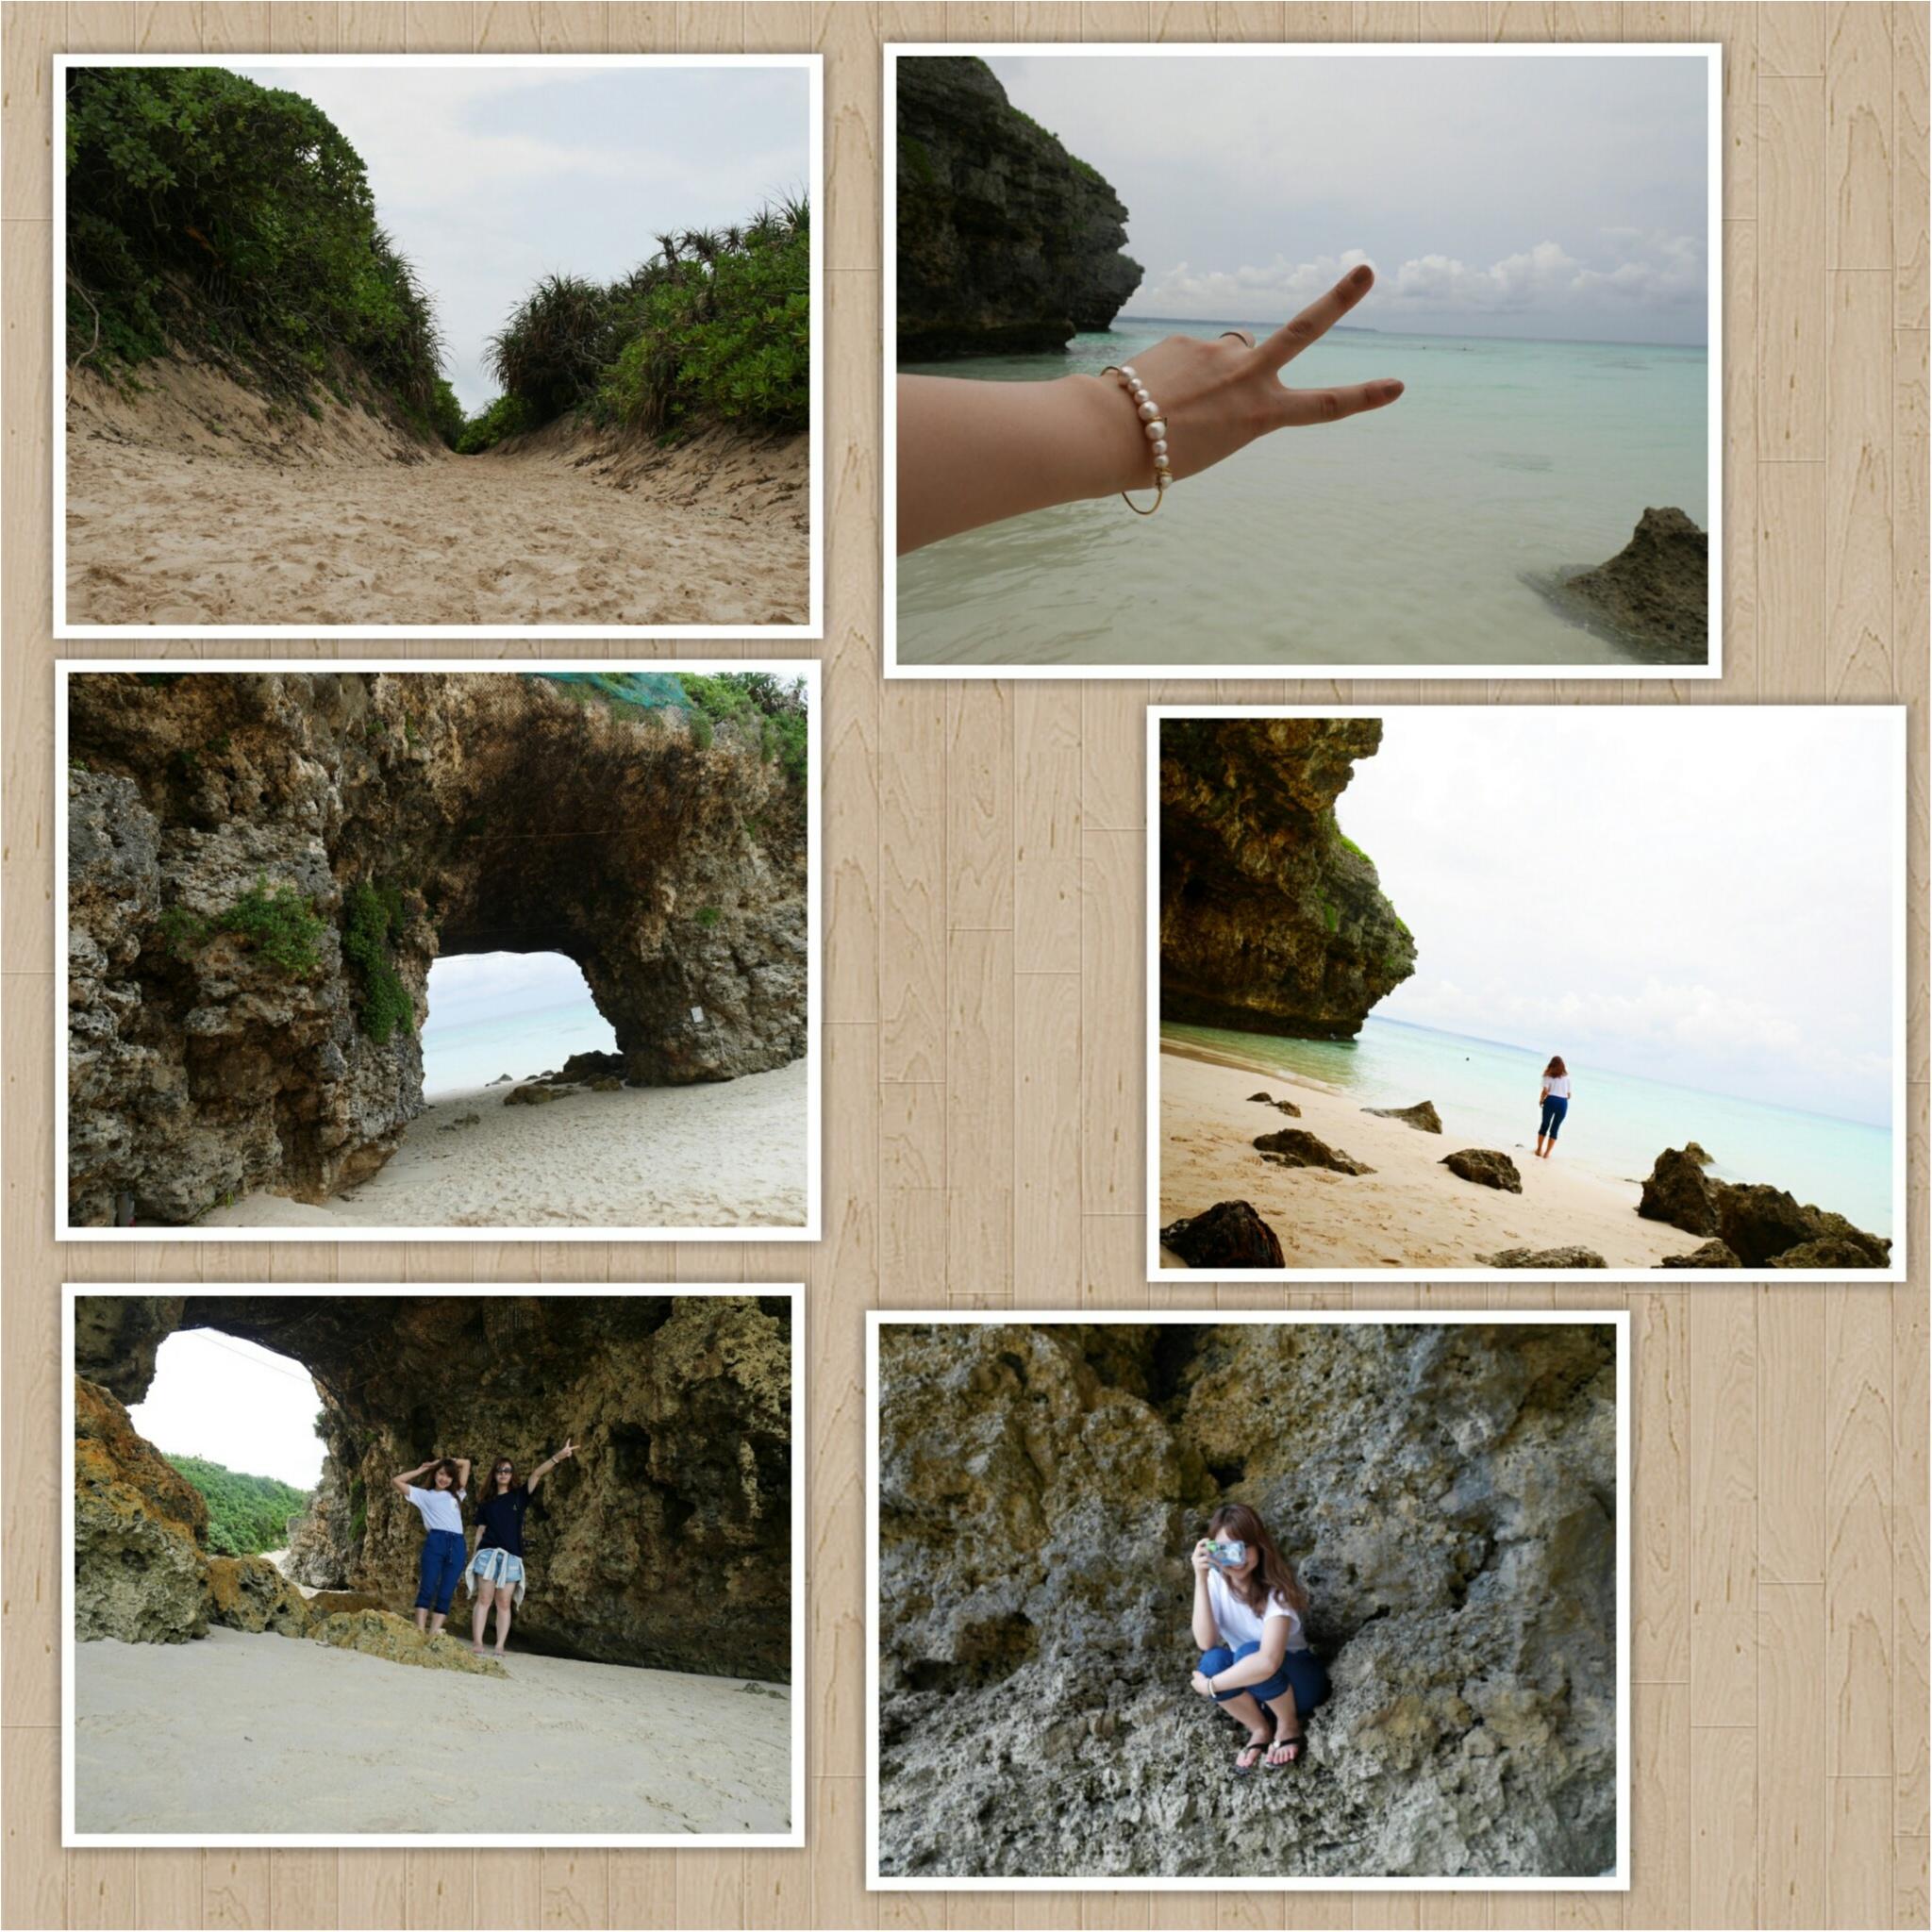 【宮古島】沖縄の離島が好きな人へ、1泊2日の弾丸旅のすすめ。_8